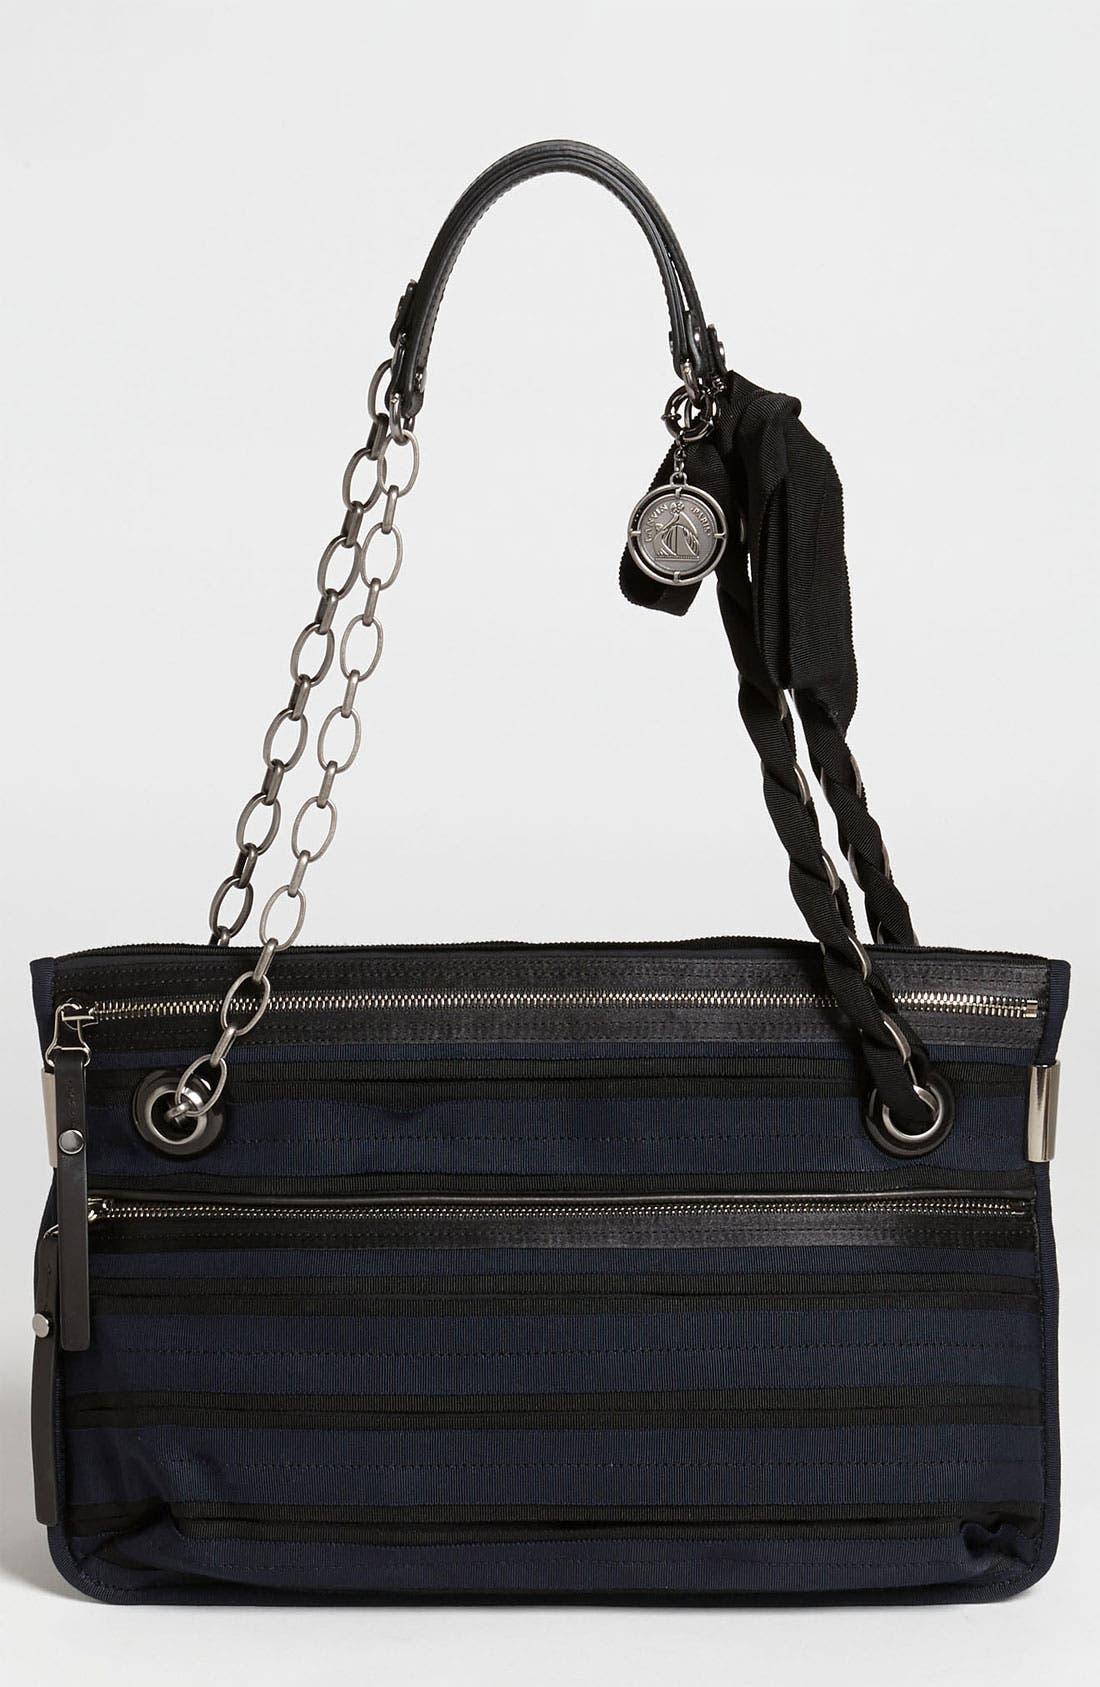 Main Image - Lanvin 'Amalia' Shoulder Bag